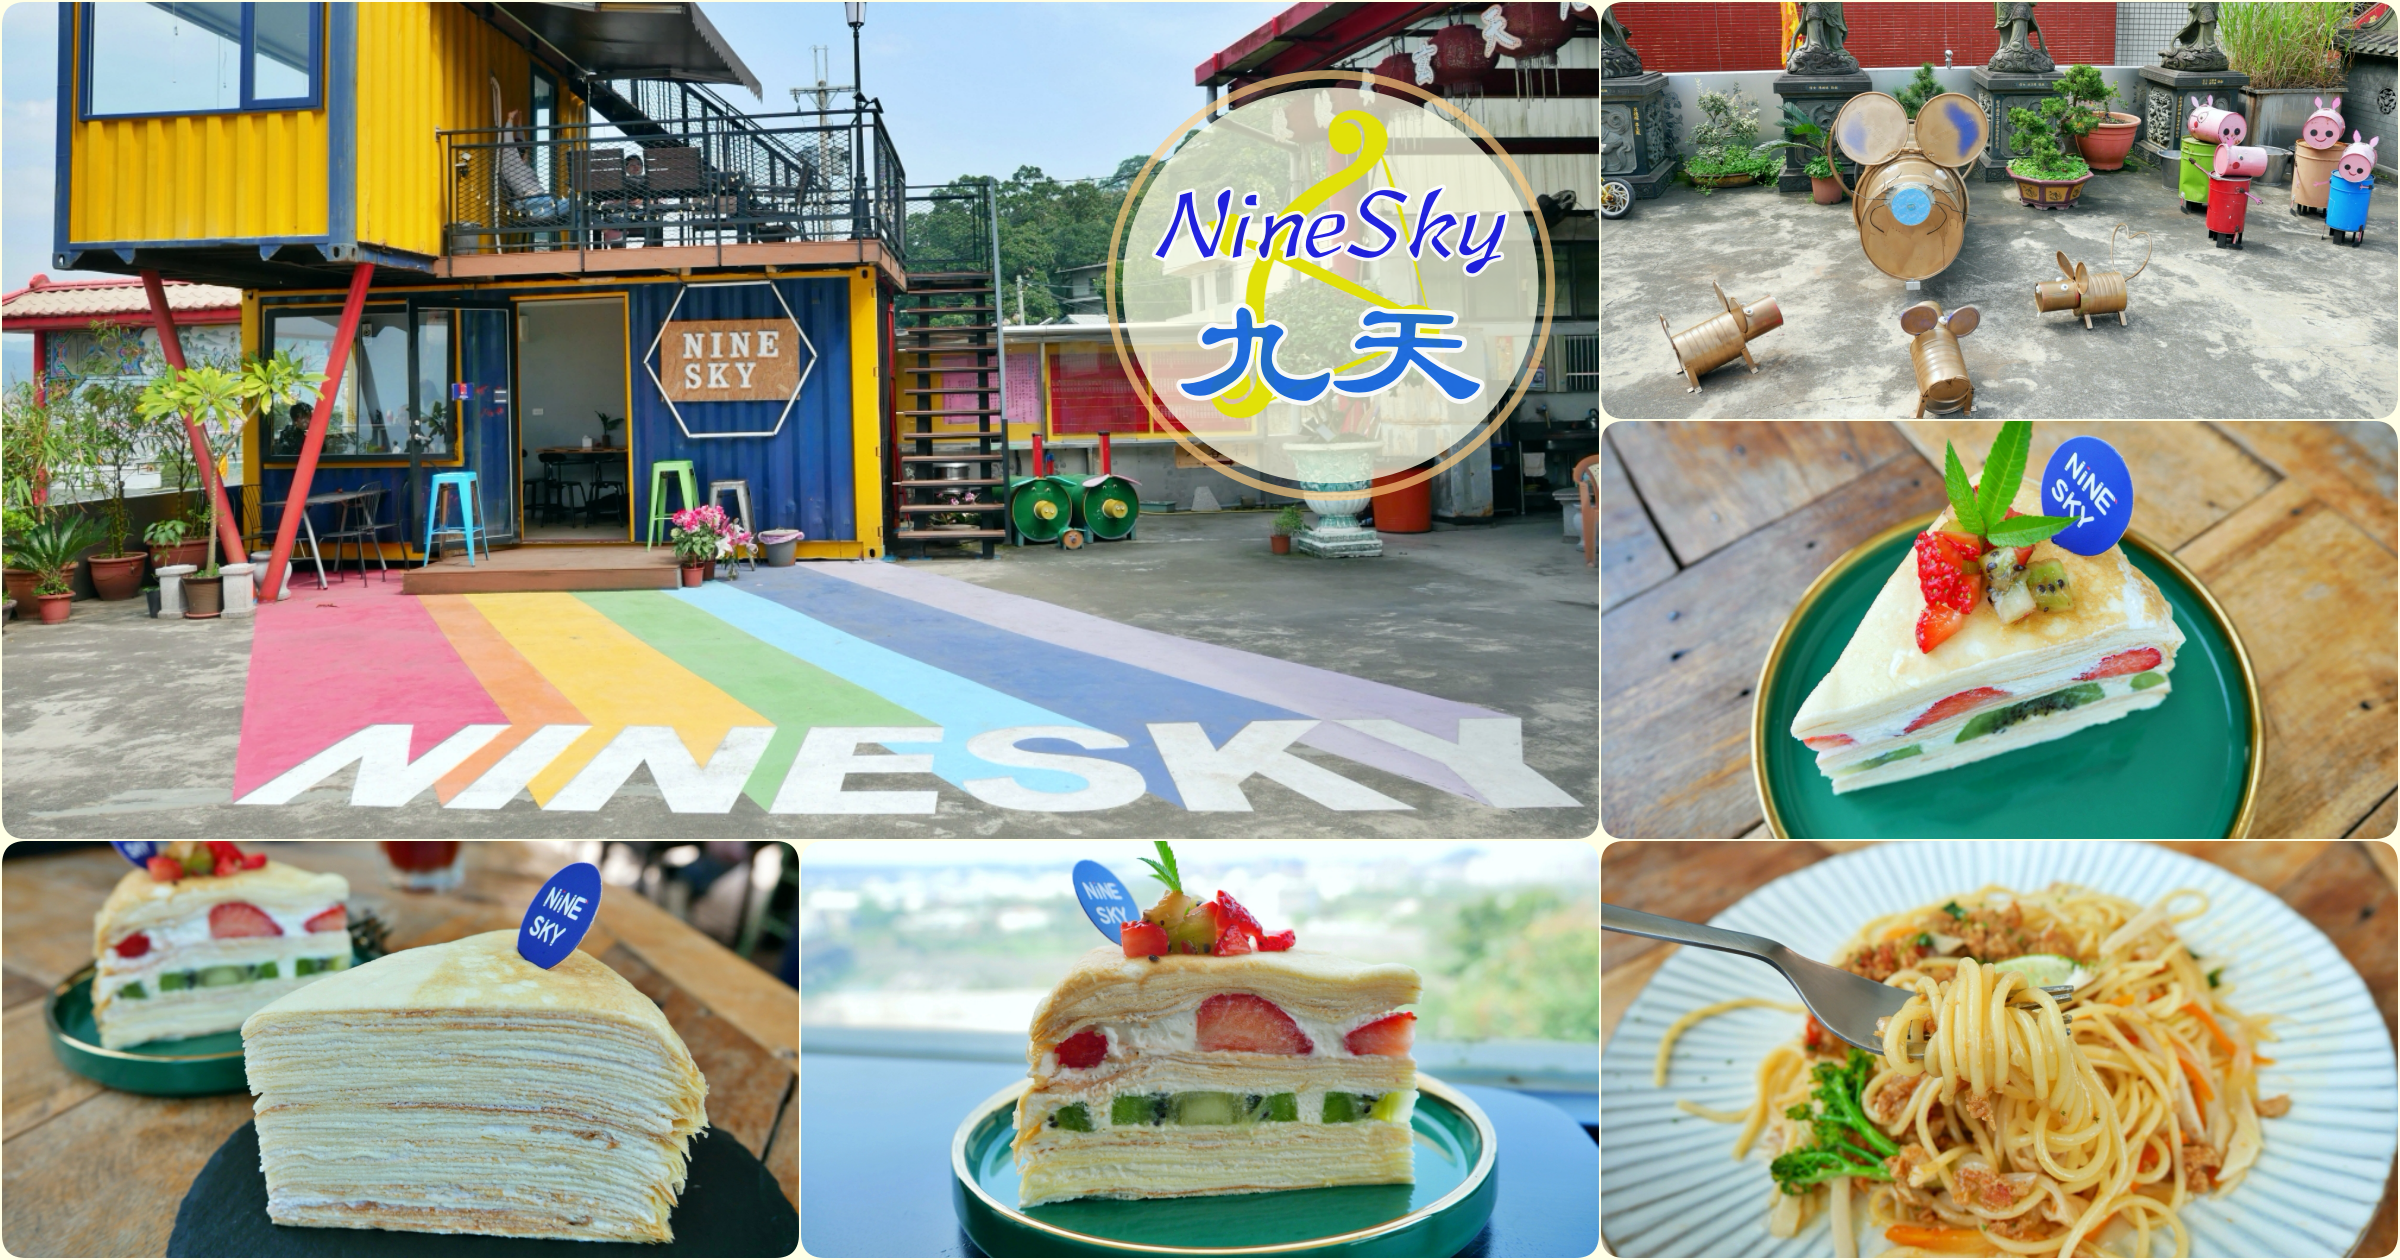 最新推播訊息:[三峽美食]NineSky 九天|隱藏在山區貨櫃屋裡的餐廳~高達40層厚的千層蛋糕.限量版甜點